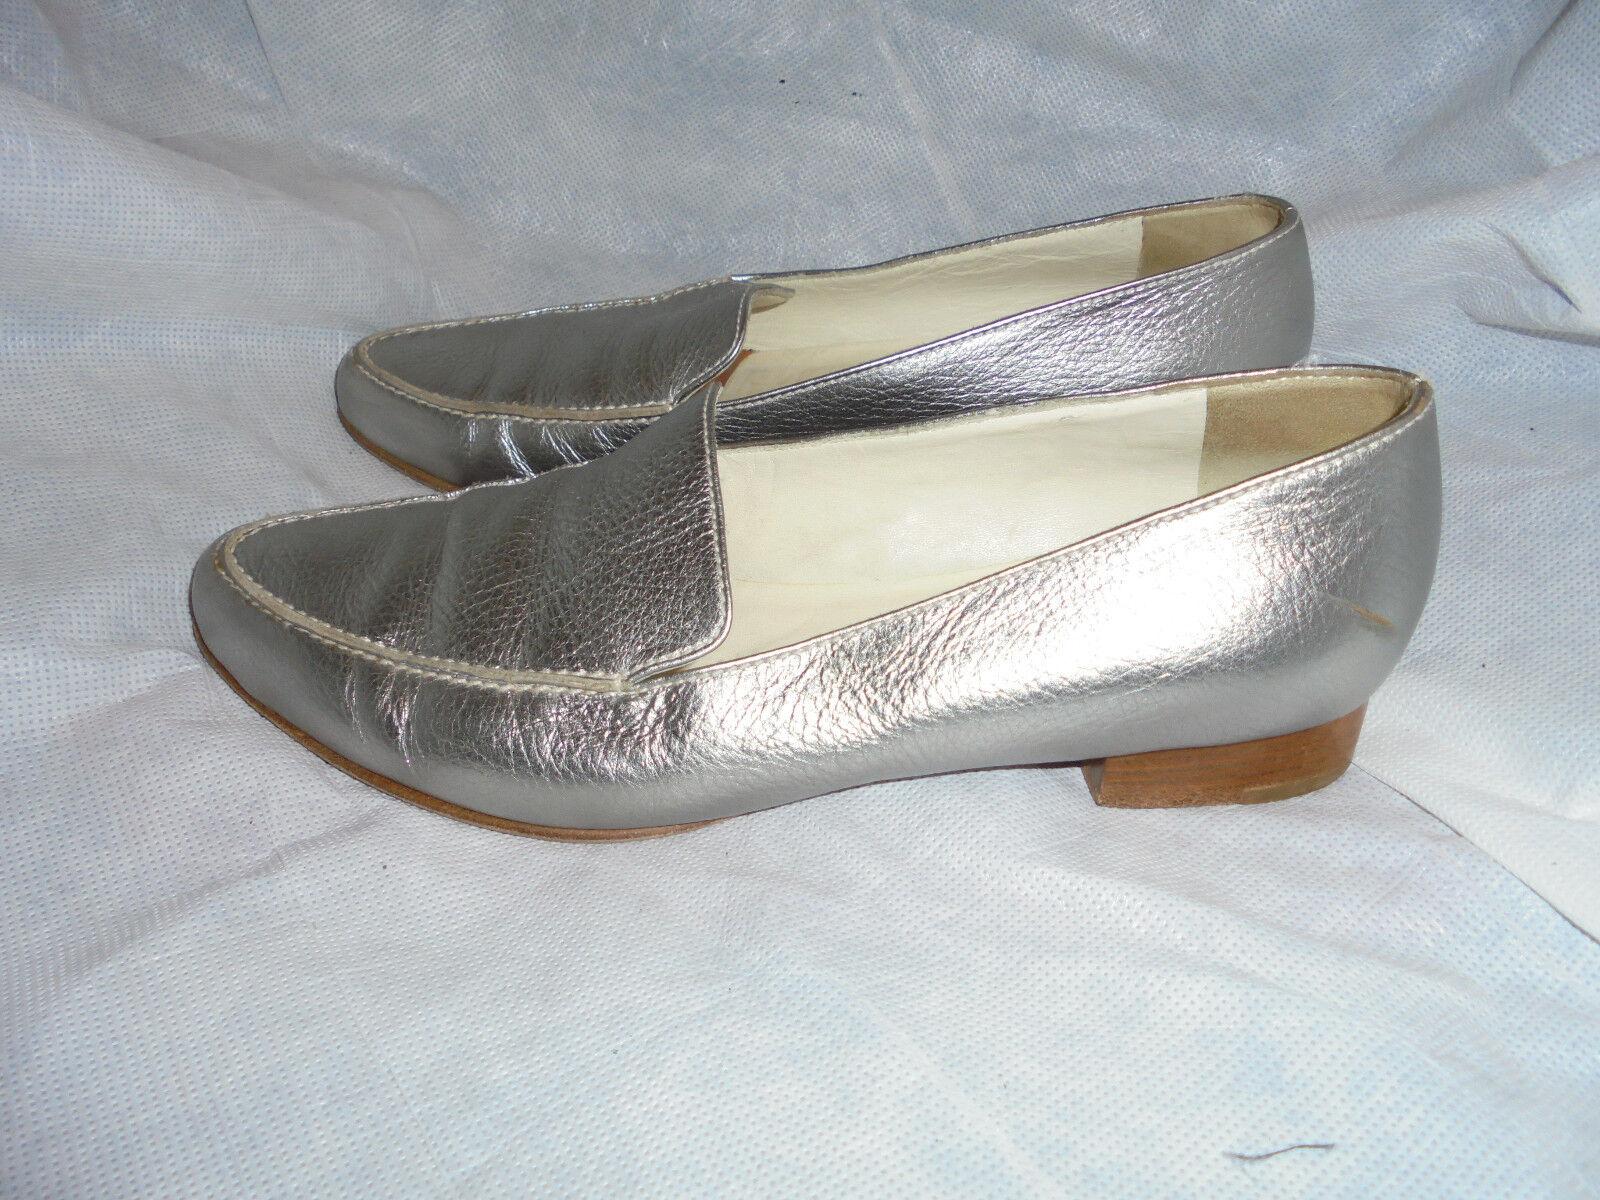 FRATELLI ROSSETTI Femme Argent à Enfiler Chaussures Taille UK 4.5 EU 37.5 très bon état